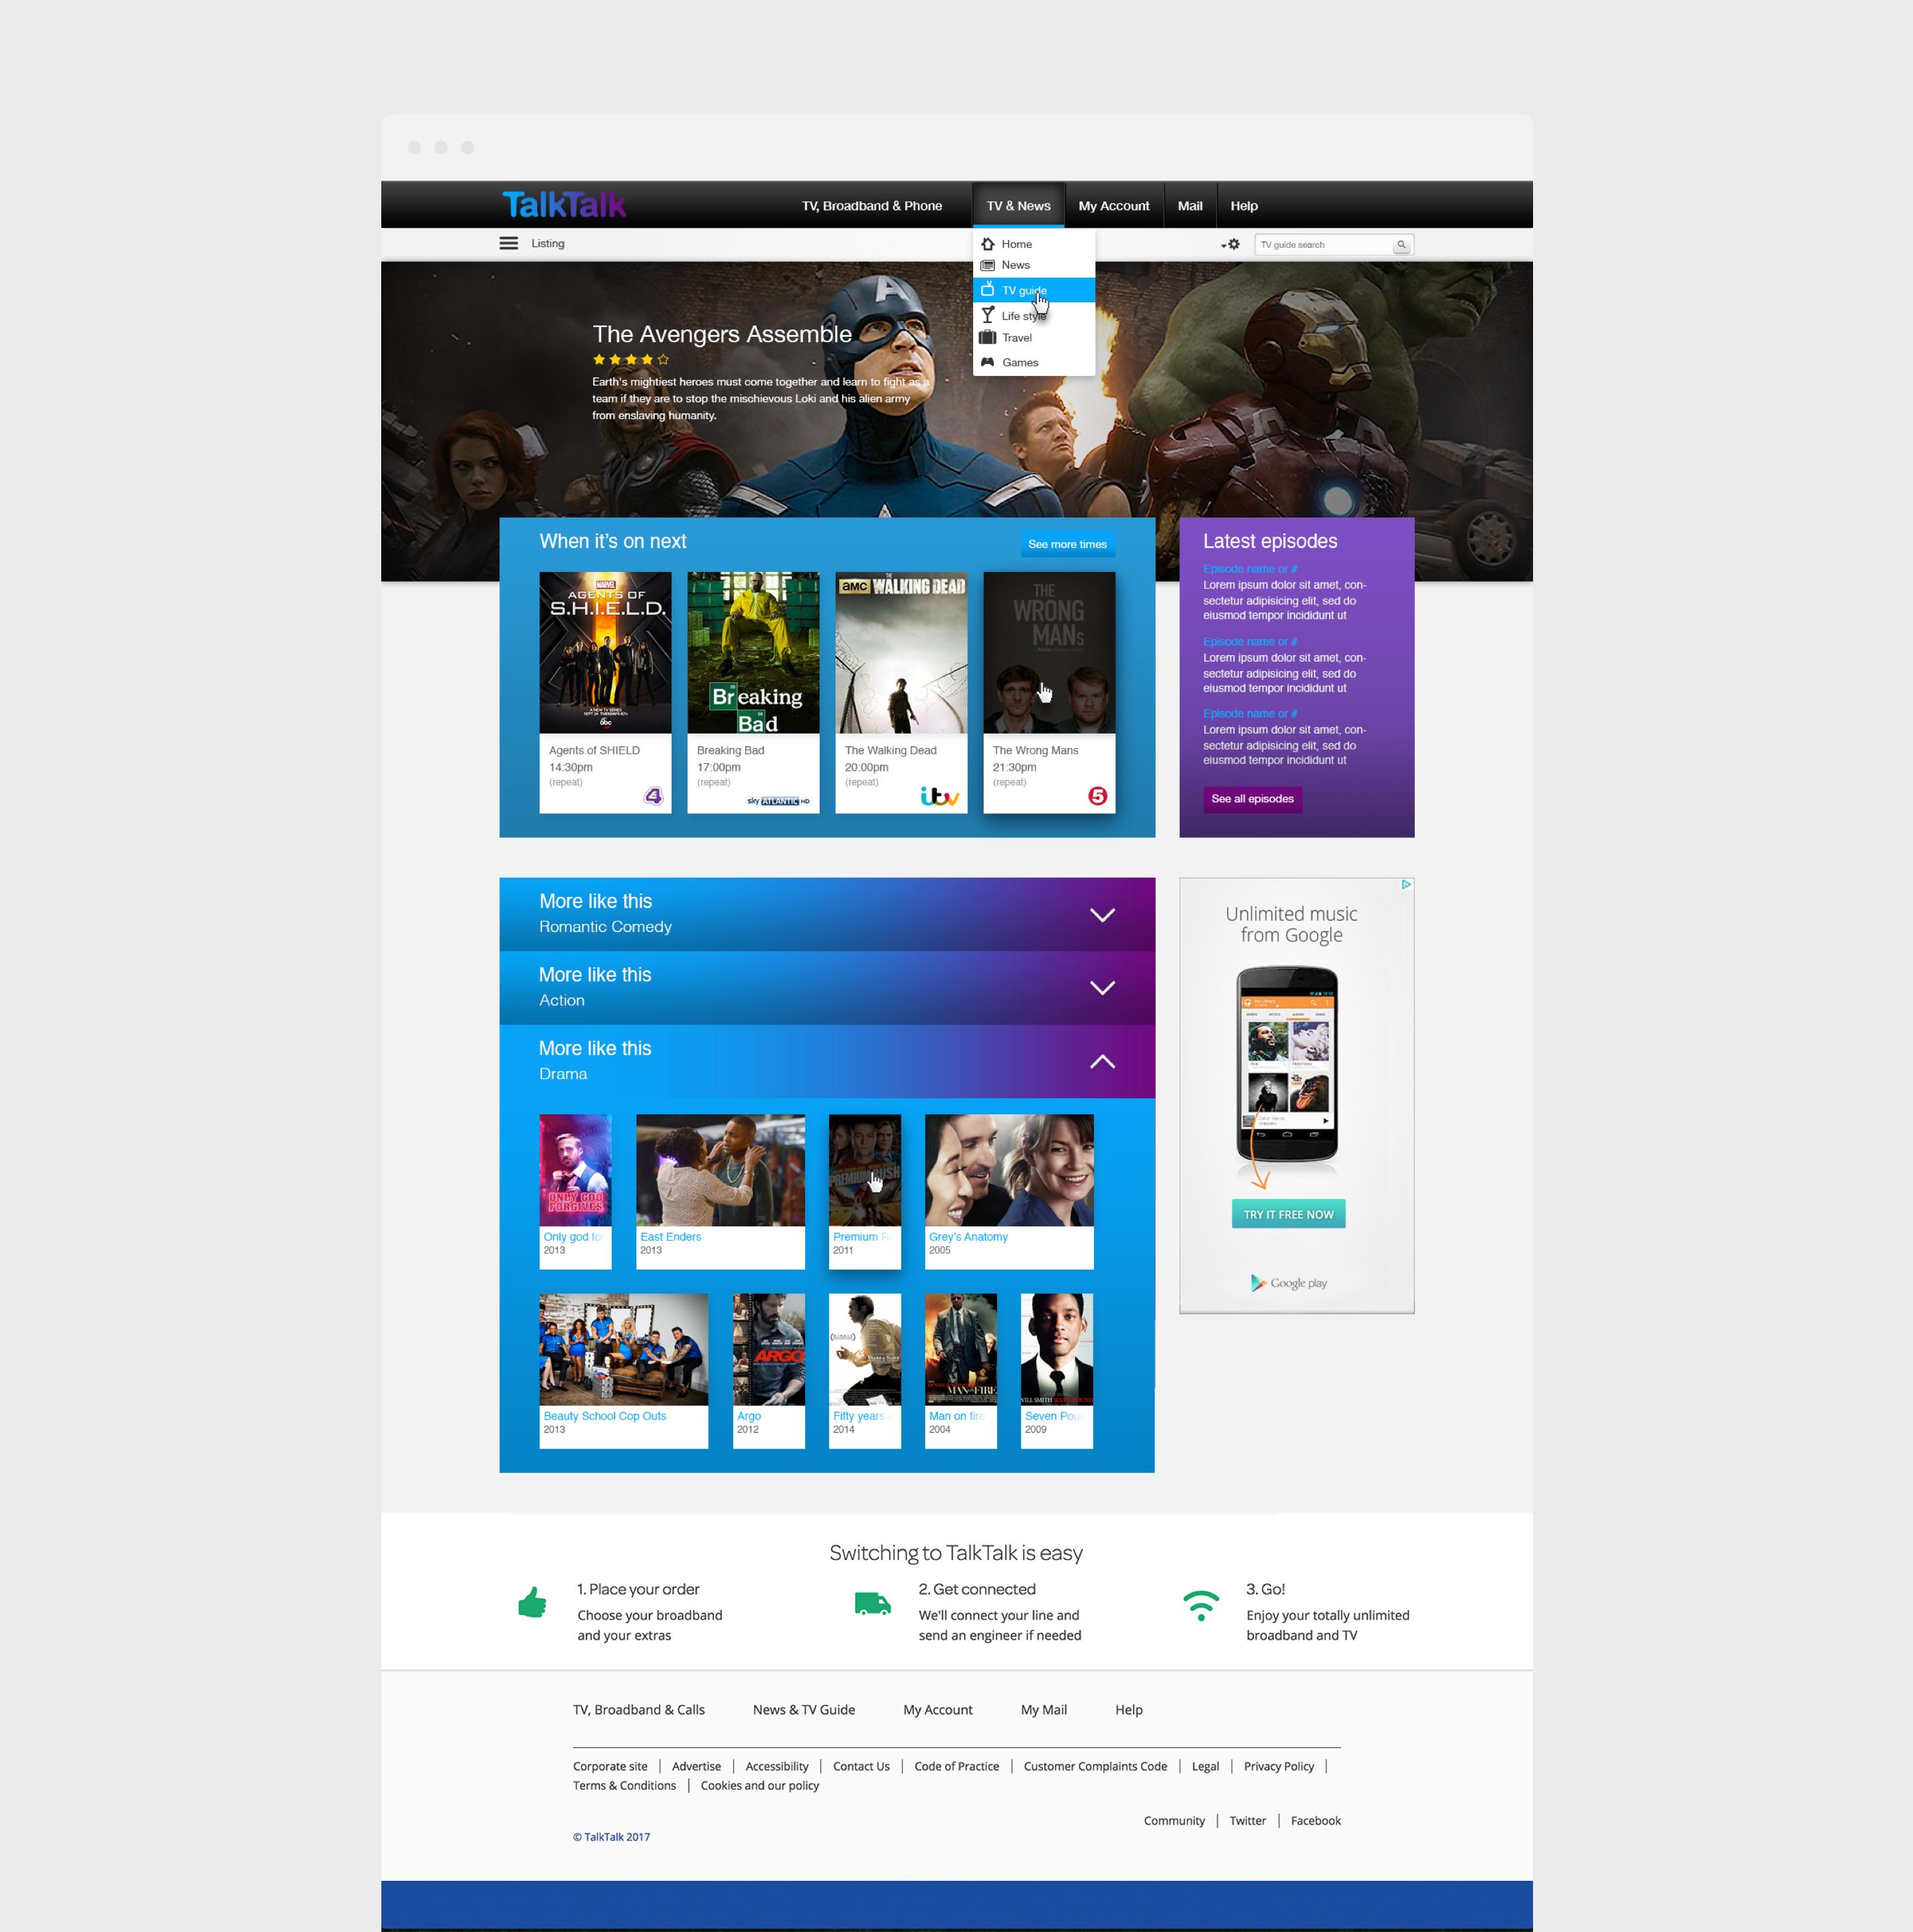 talktalk-tv-portal-image